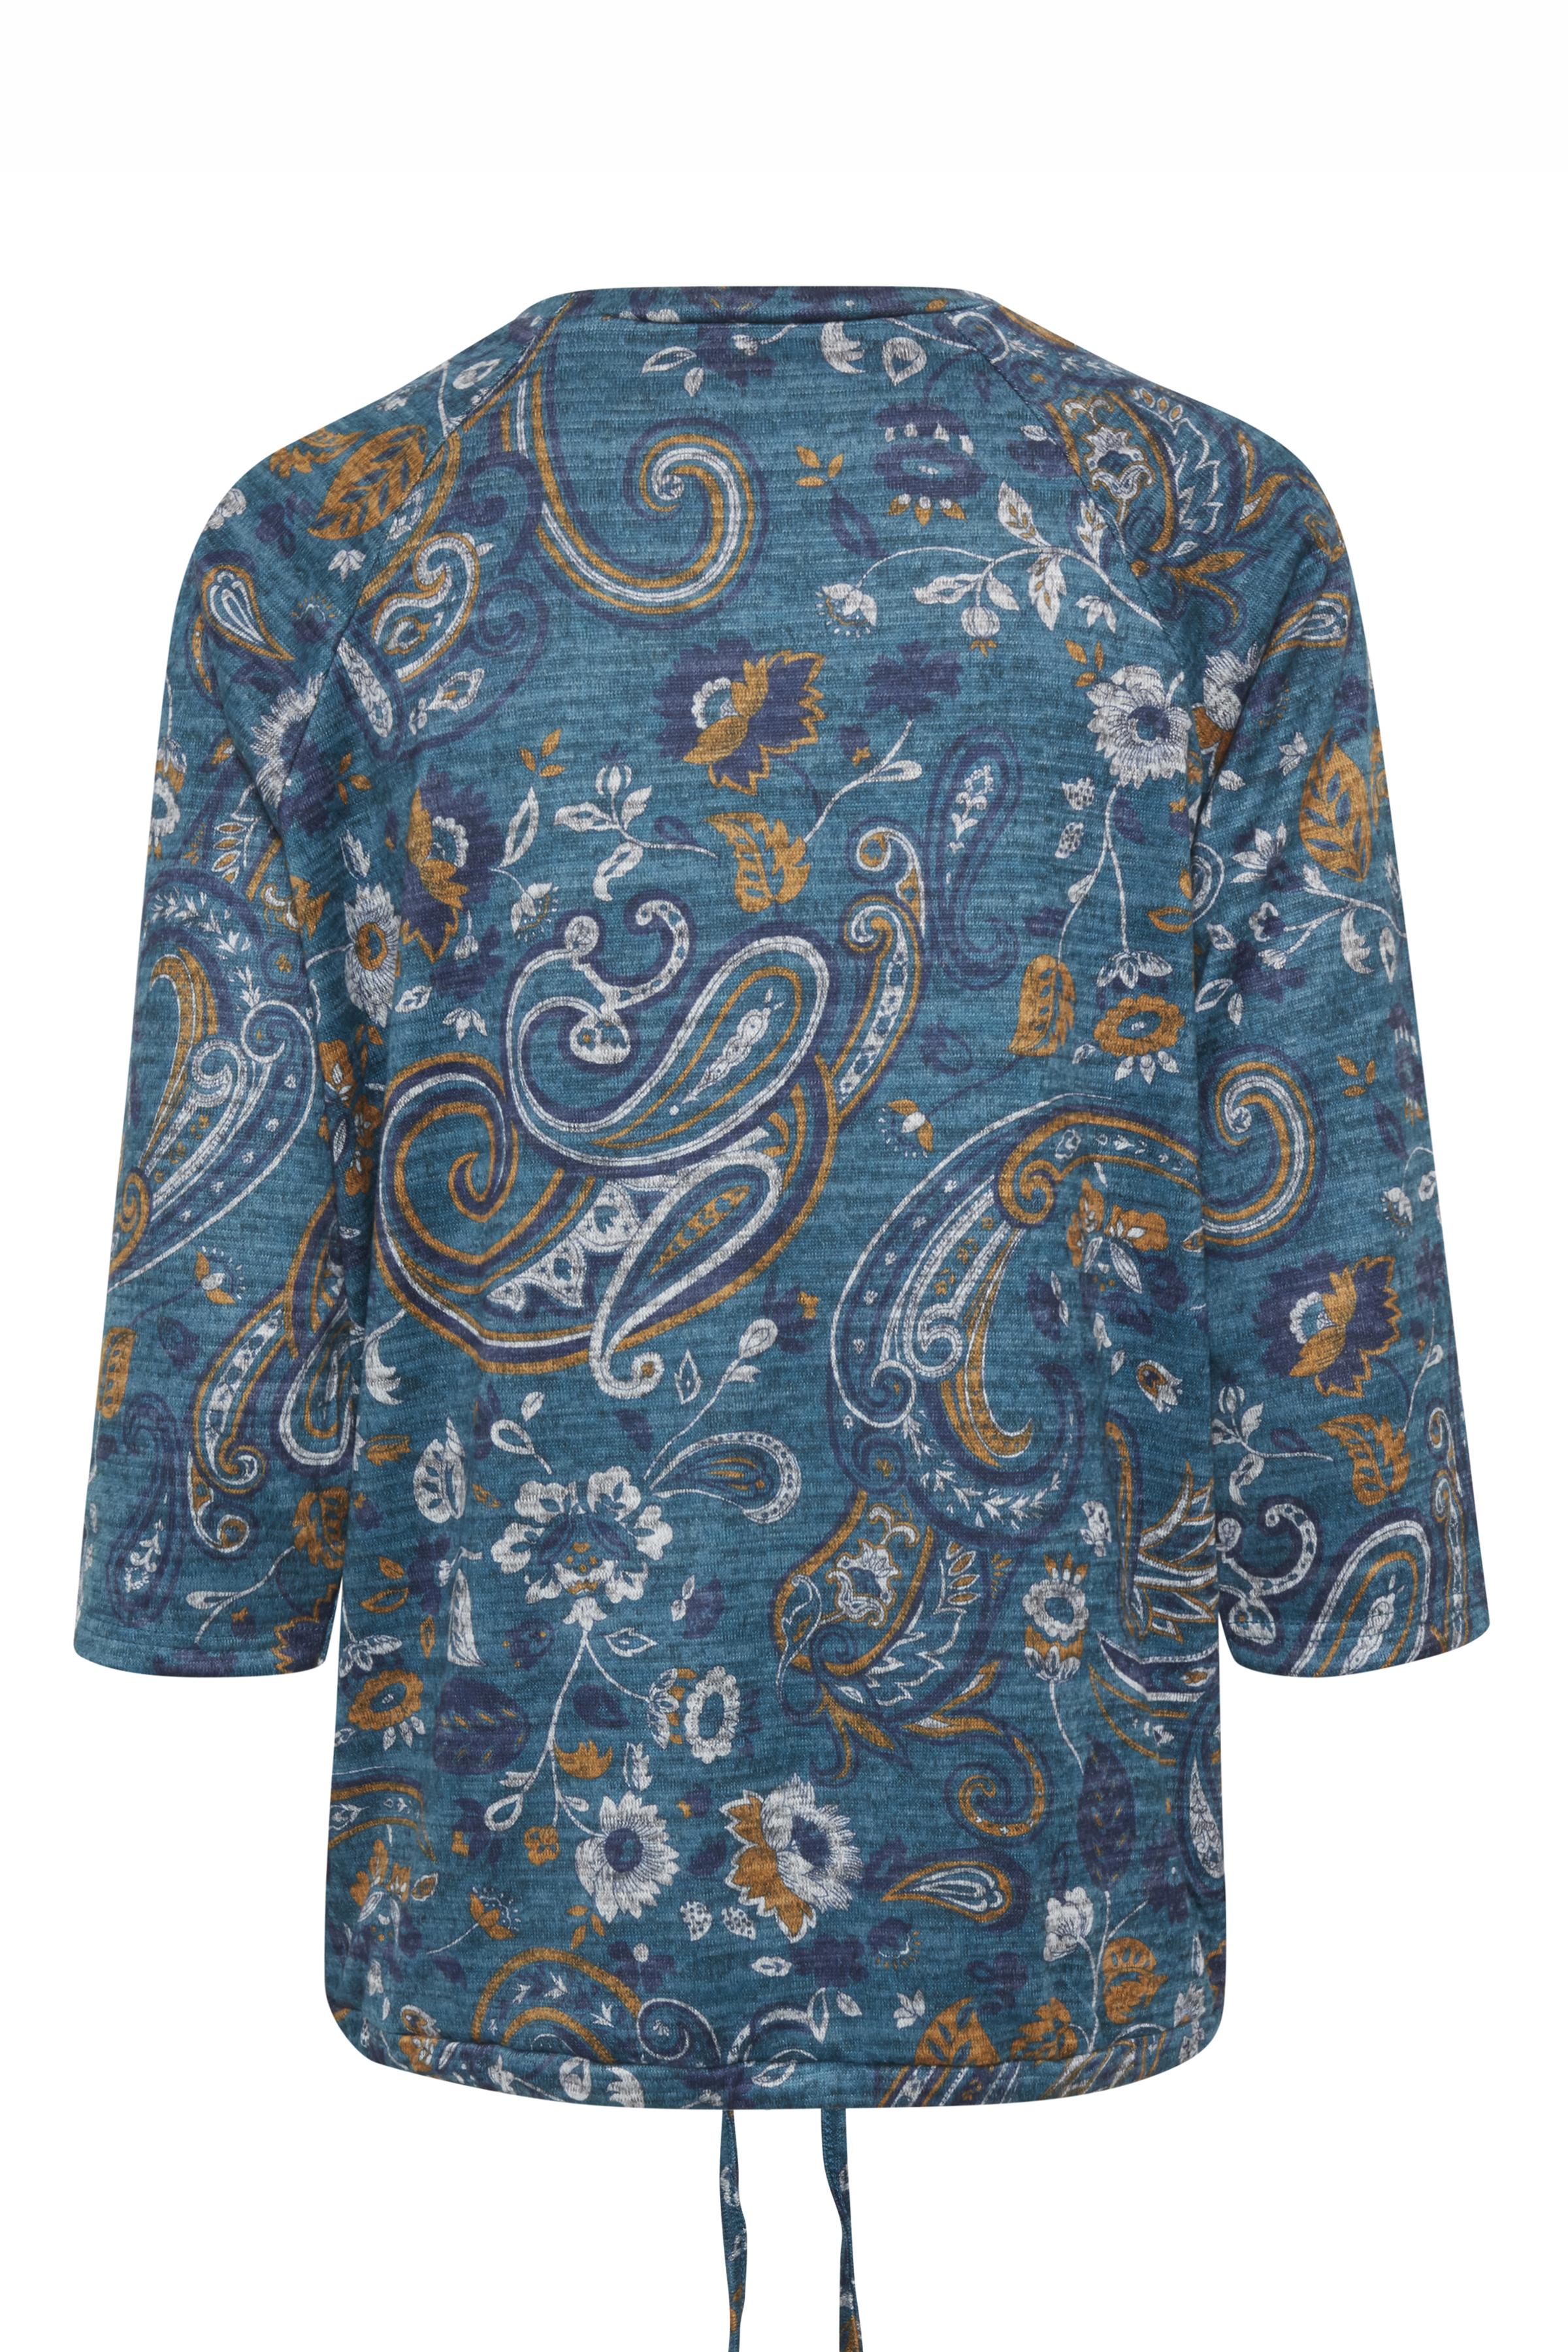 Blau meliert/curry Pullover  von Dranella – Shoppen Sie Blau meliert/curry Pullover  ab Gr. XS-XL hier